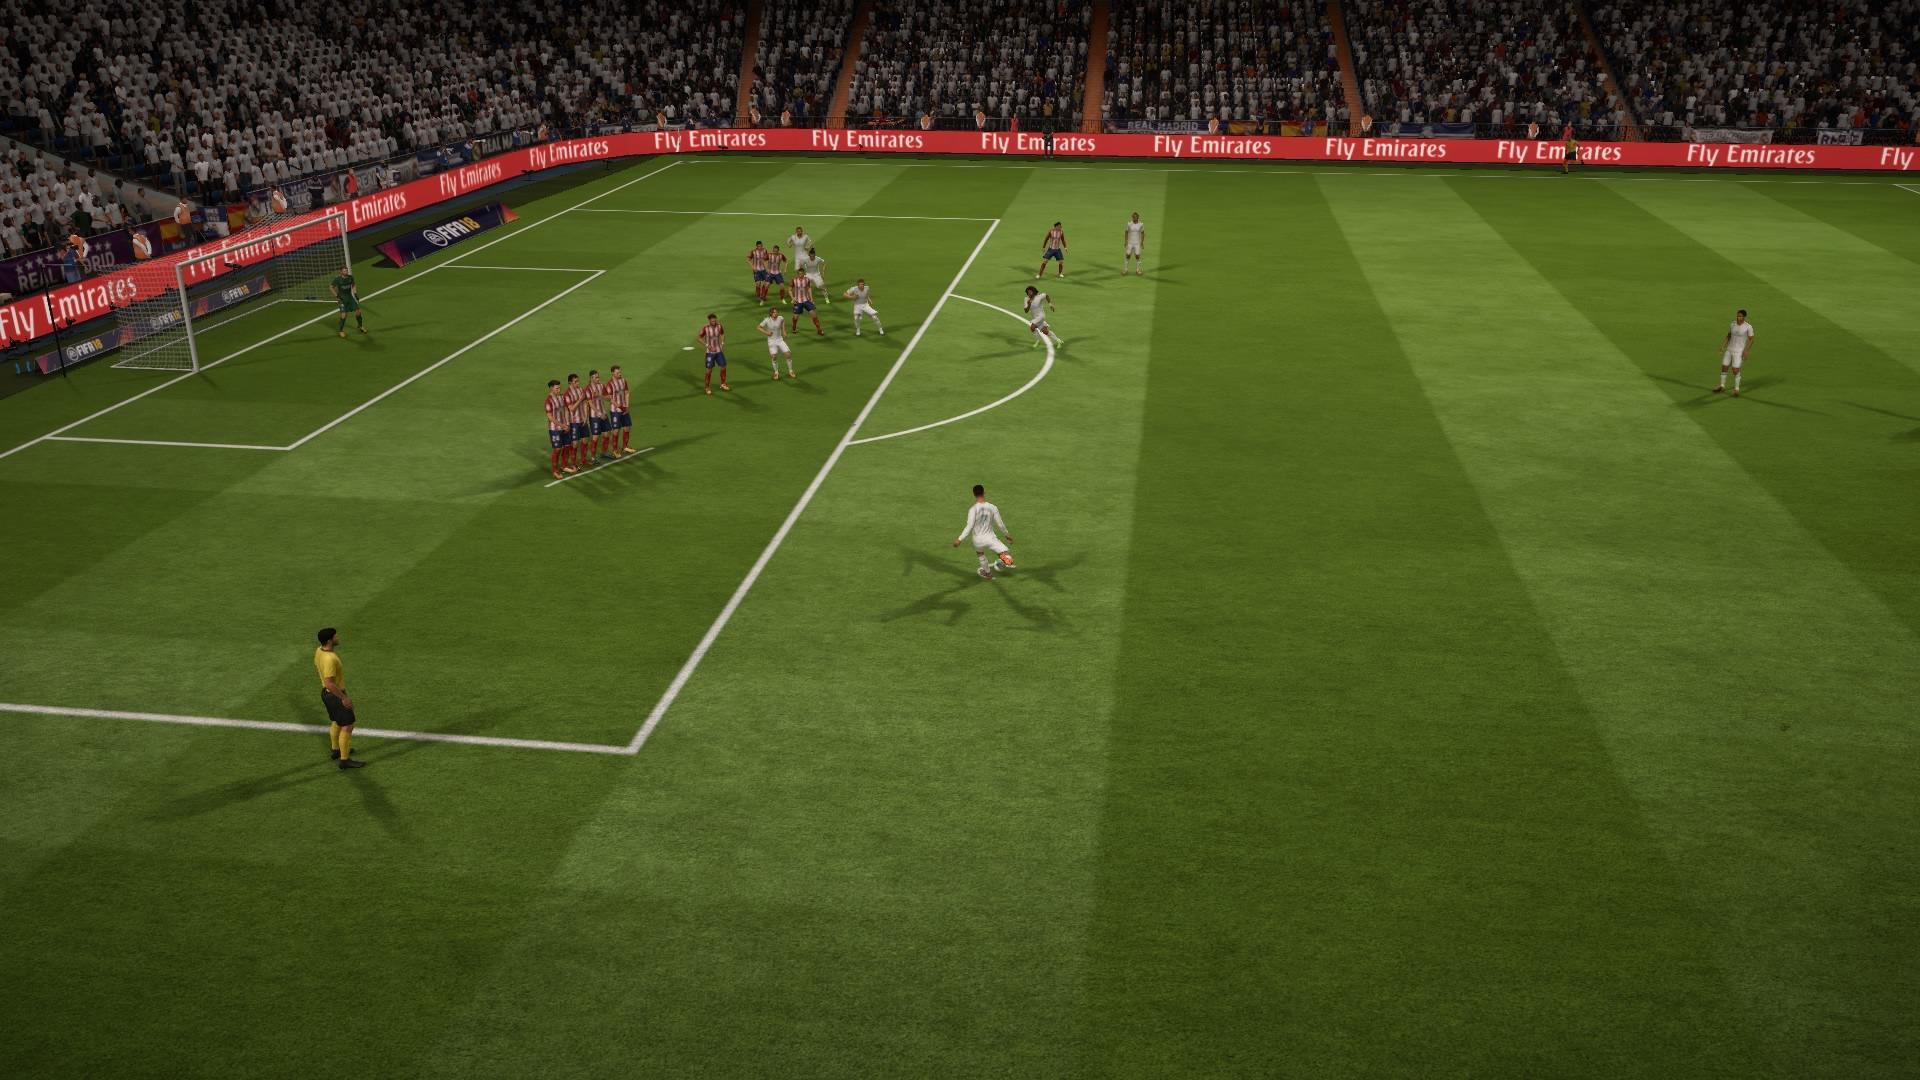 Fifa Positionen Und Ihre Abkurzungen Auf Dem Feld